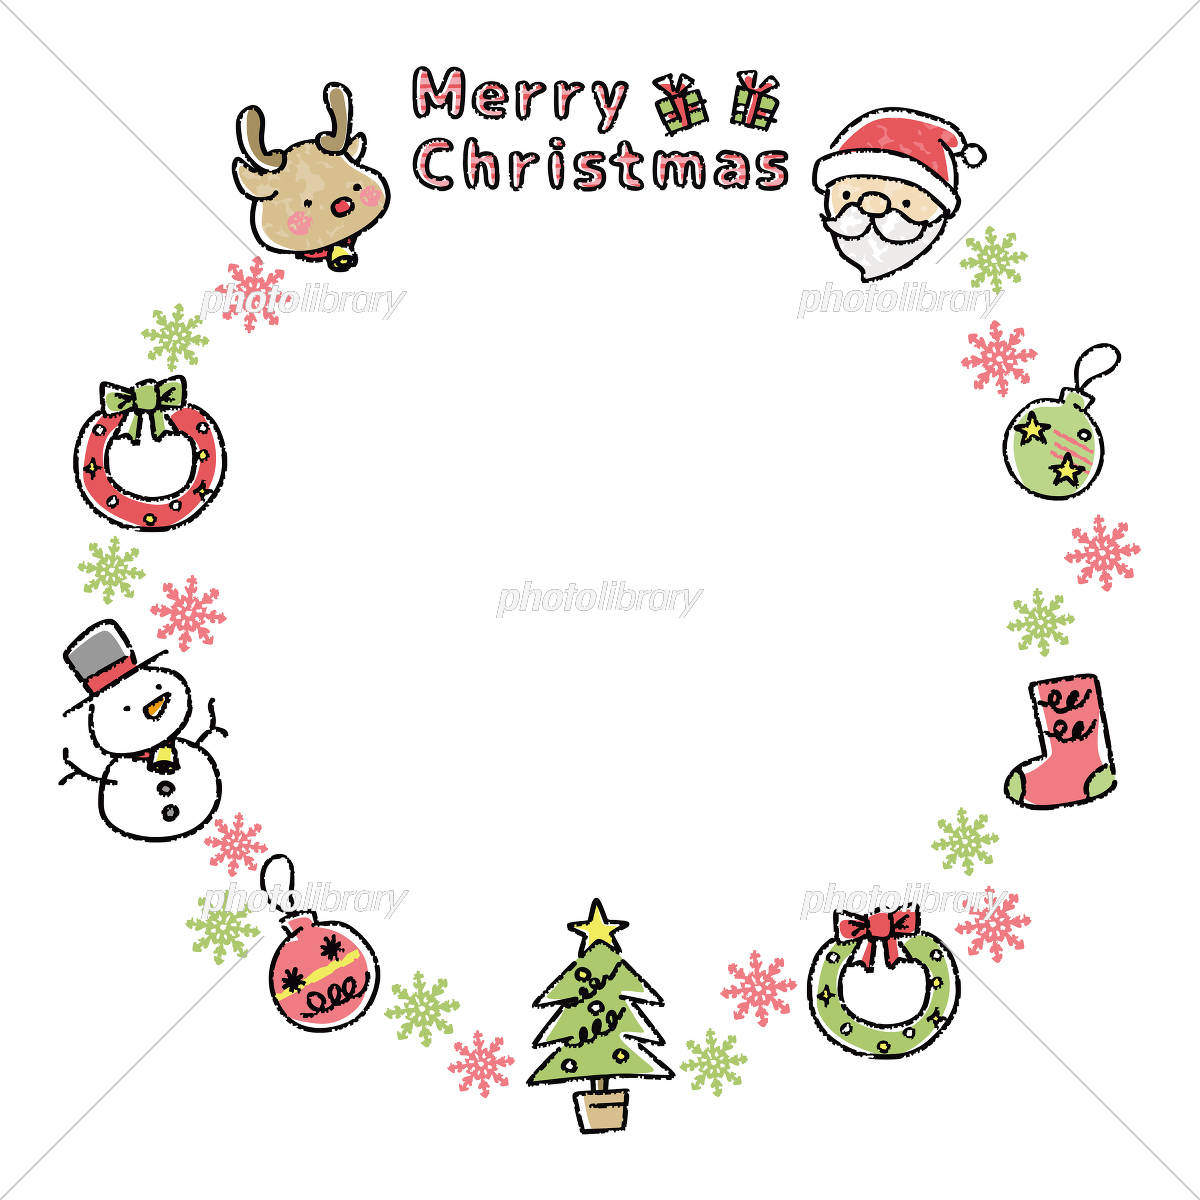 クリスマスカード 手描き イラスト素材 フォトライブラリー Photolibrary